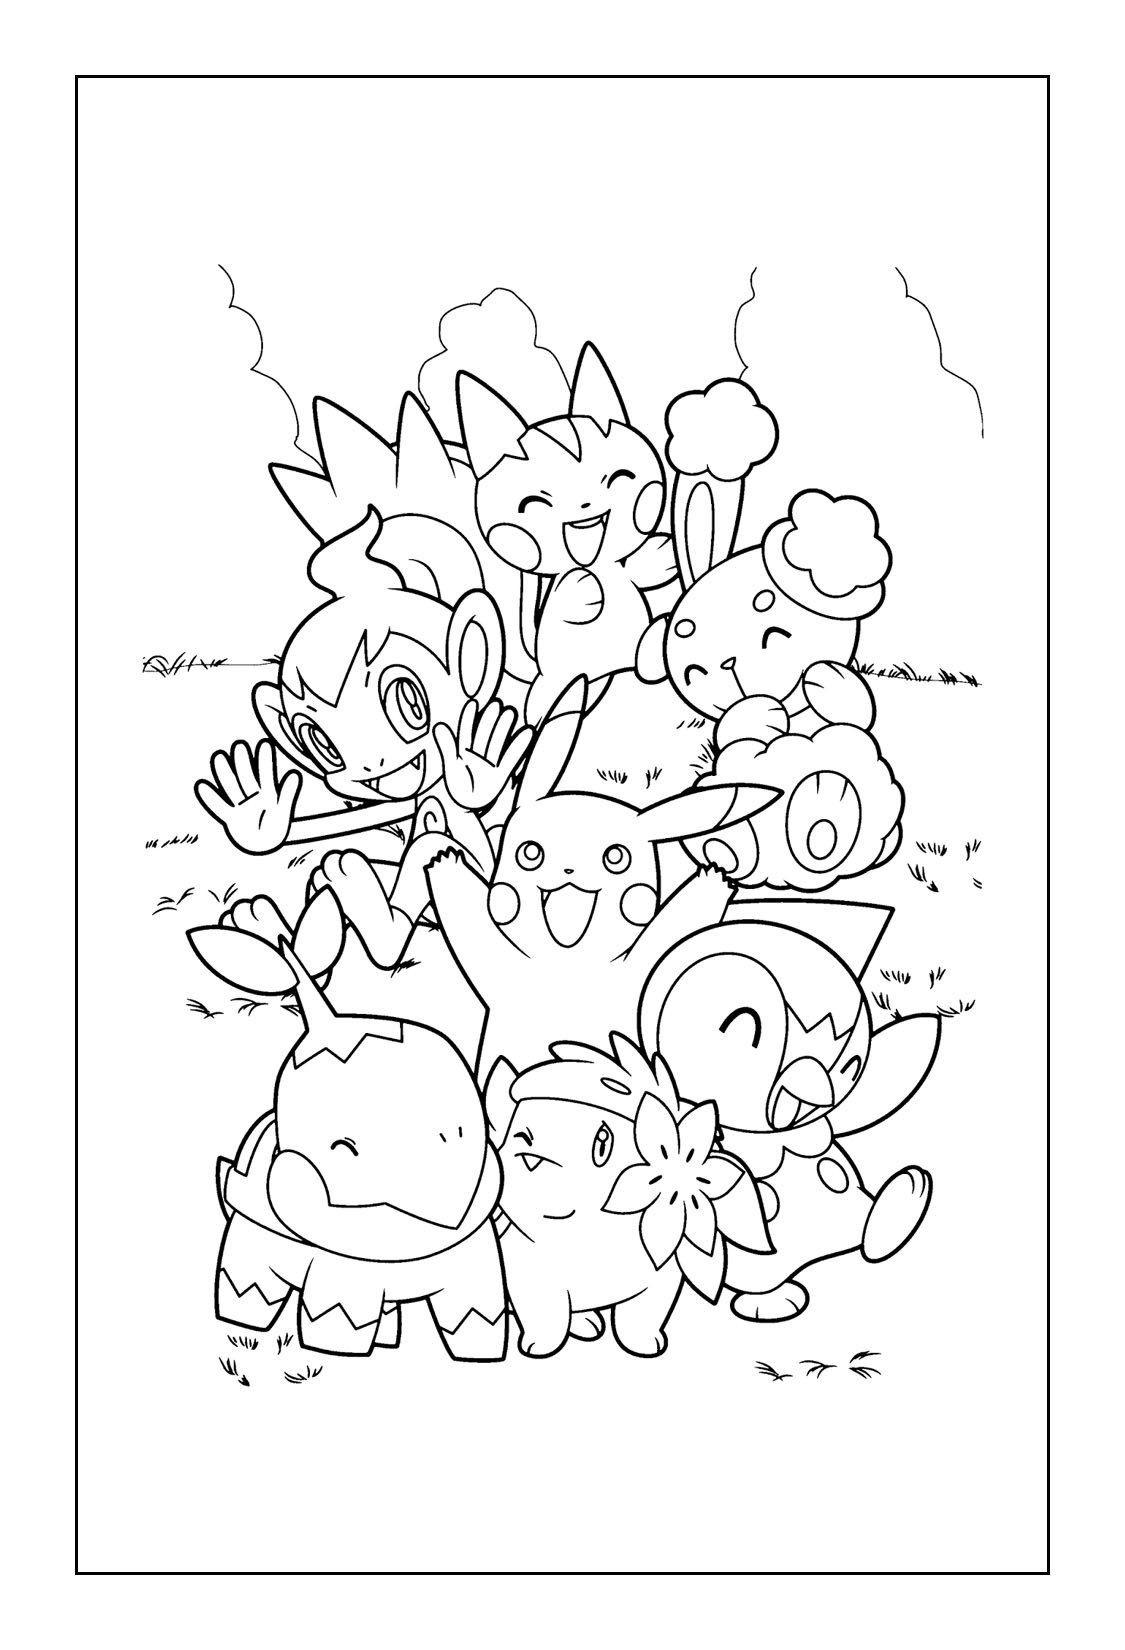 Detective Pikachu Coloring Pages Detective Pikachu